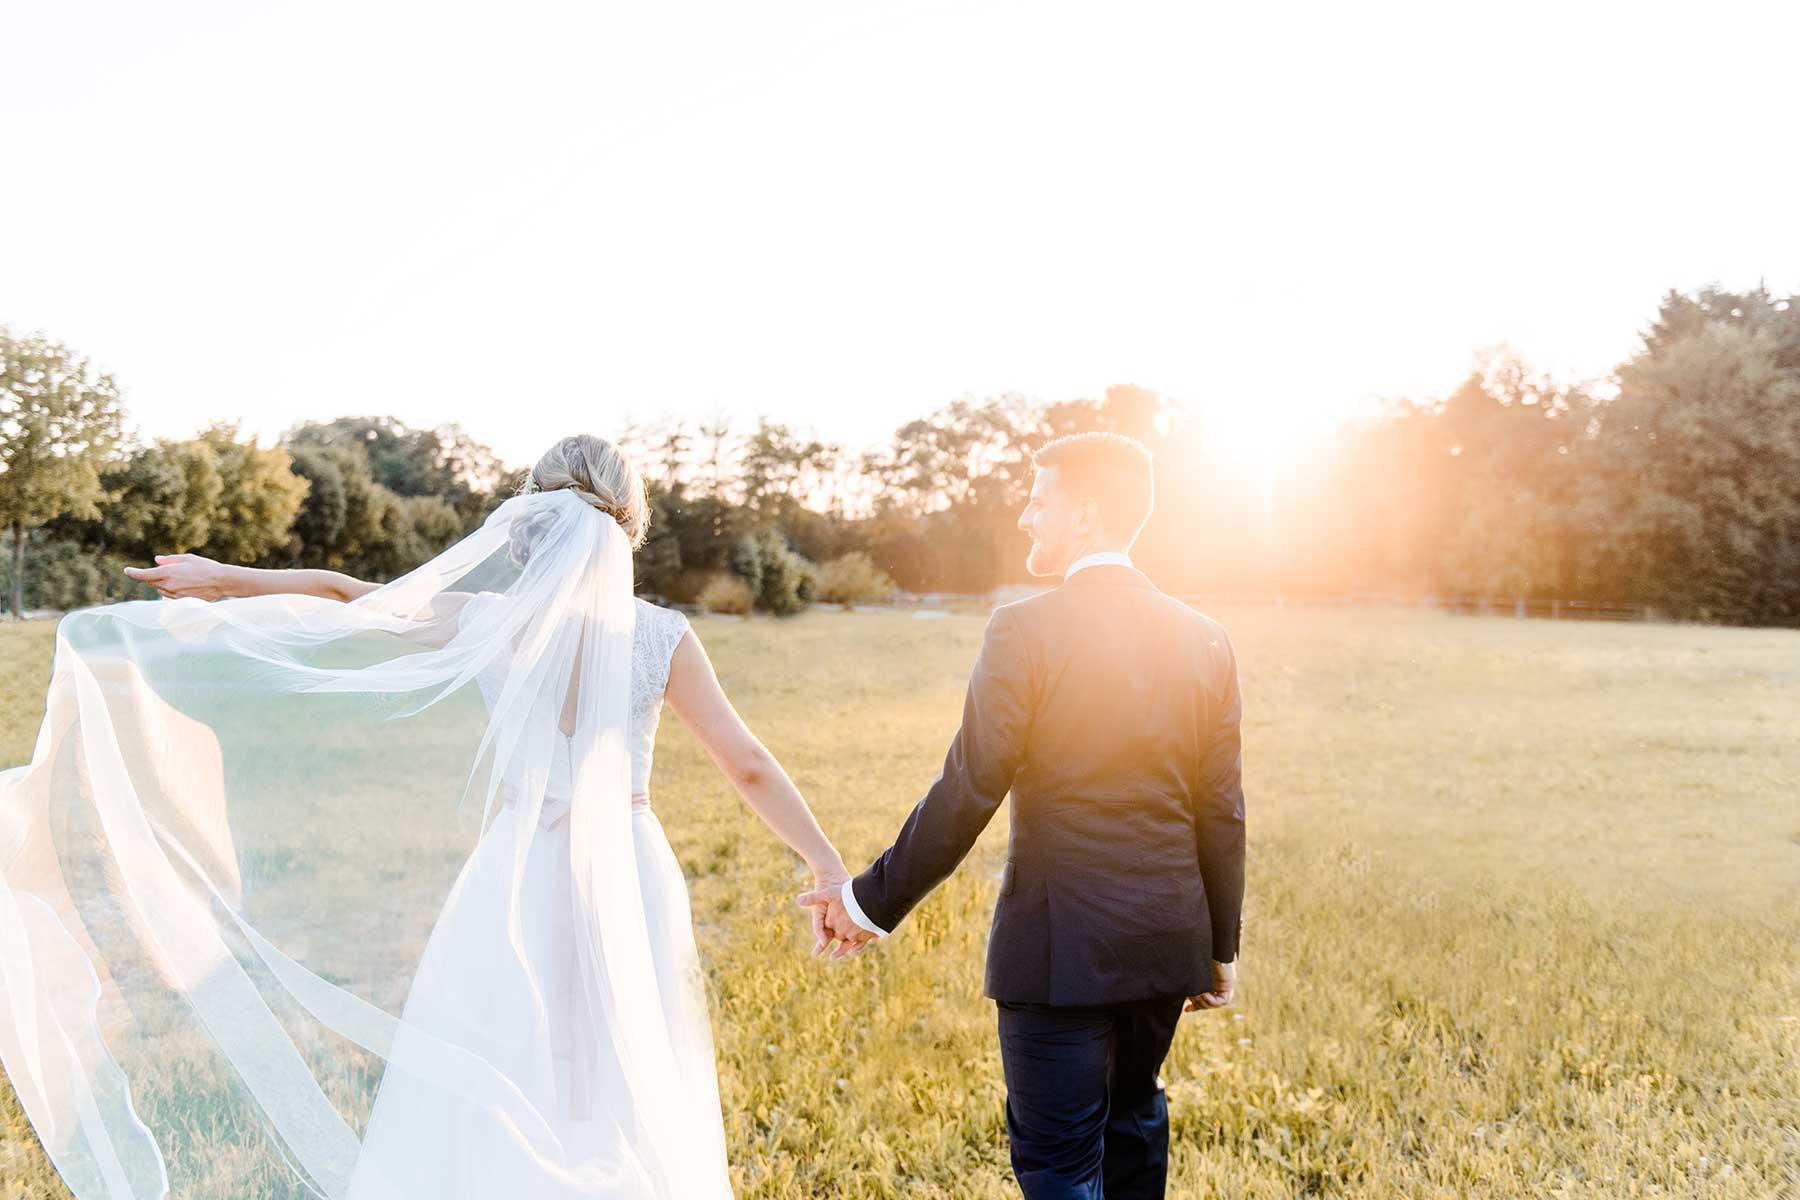 Brautpaarfotos, HOchzeitsfotografie Augsburg, Rosemary Photography, Hochzeitsfotografin Augsburg, München, Hochzeitsreportage